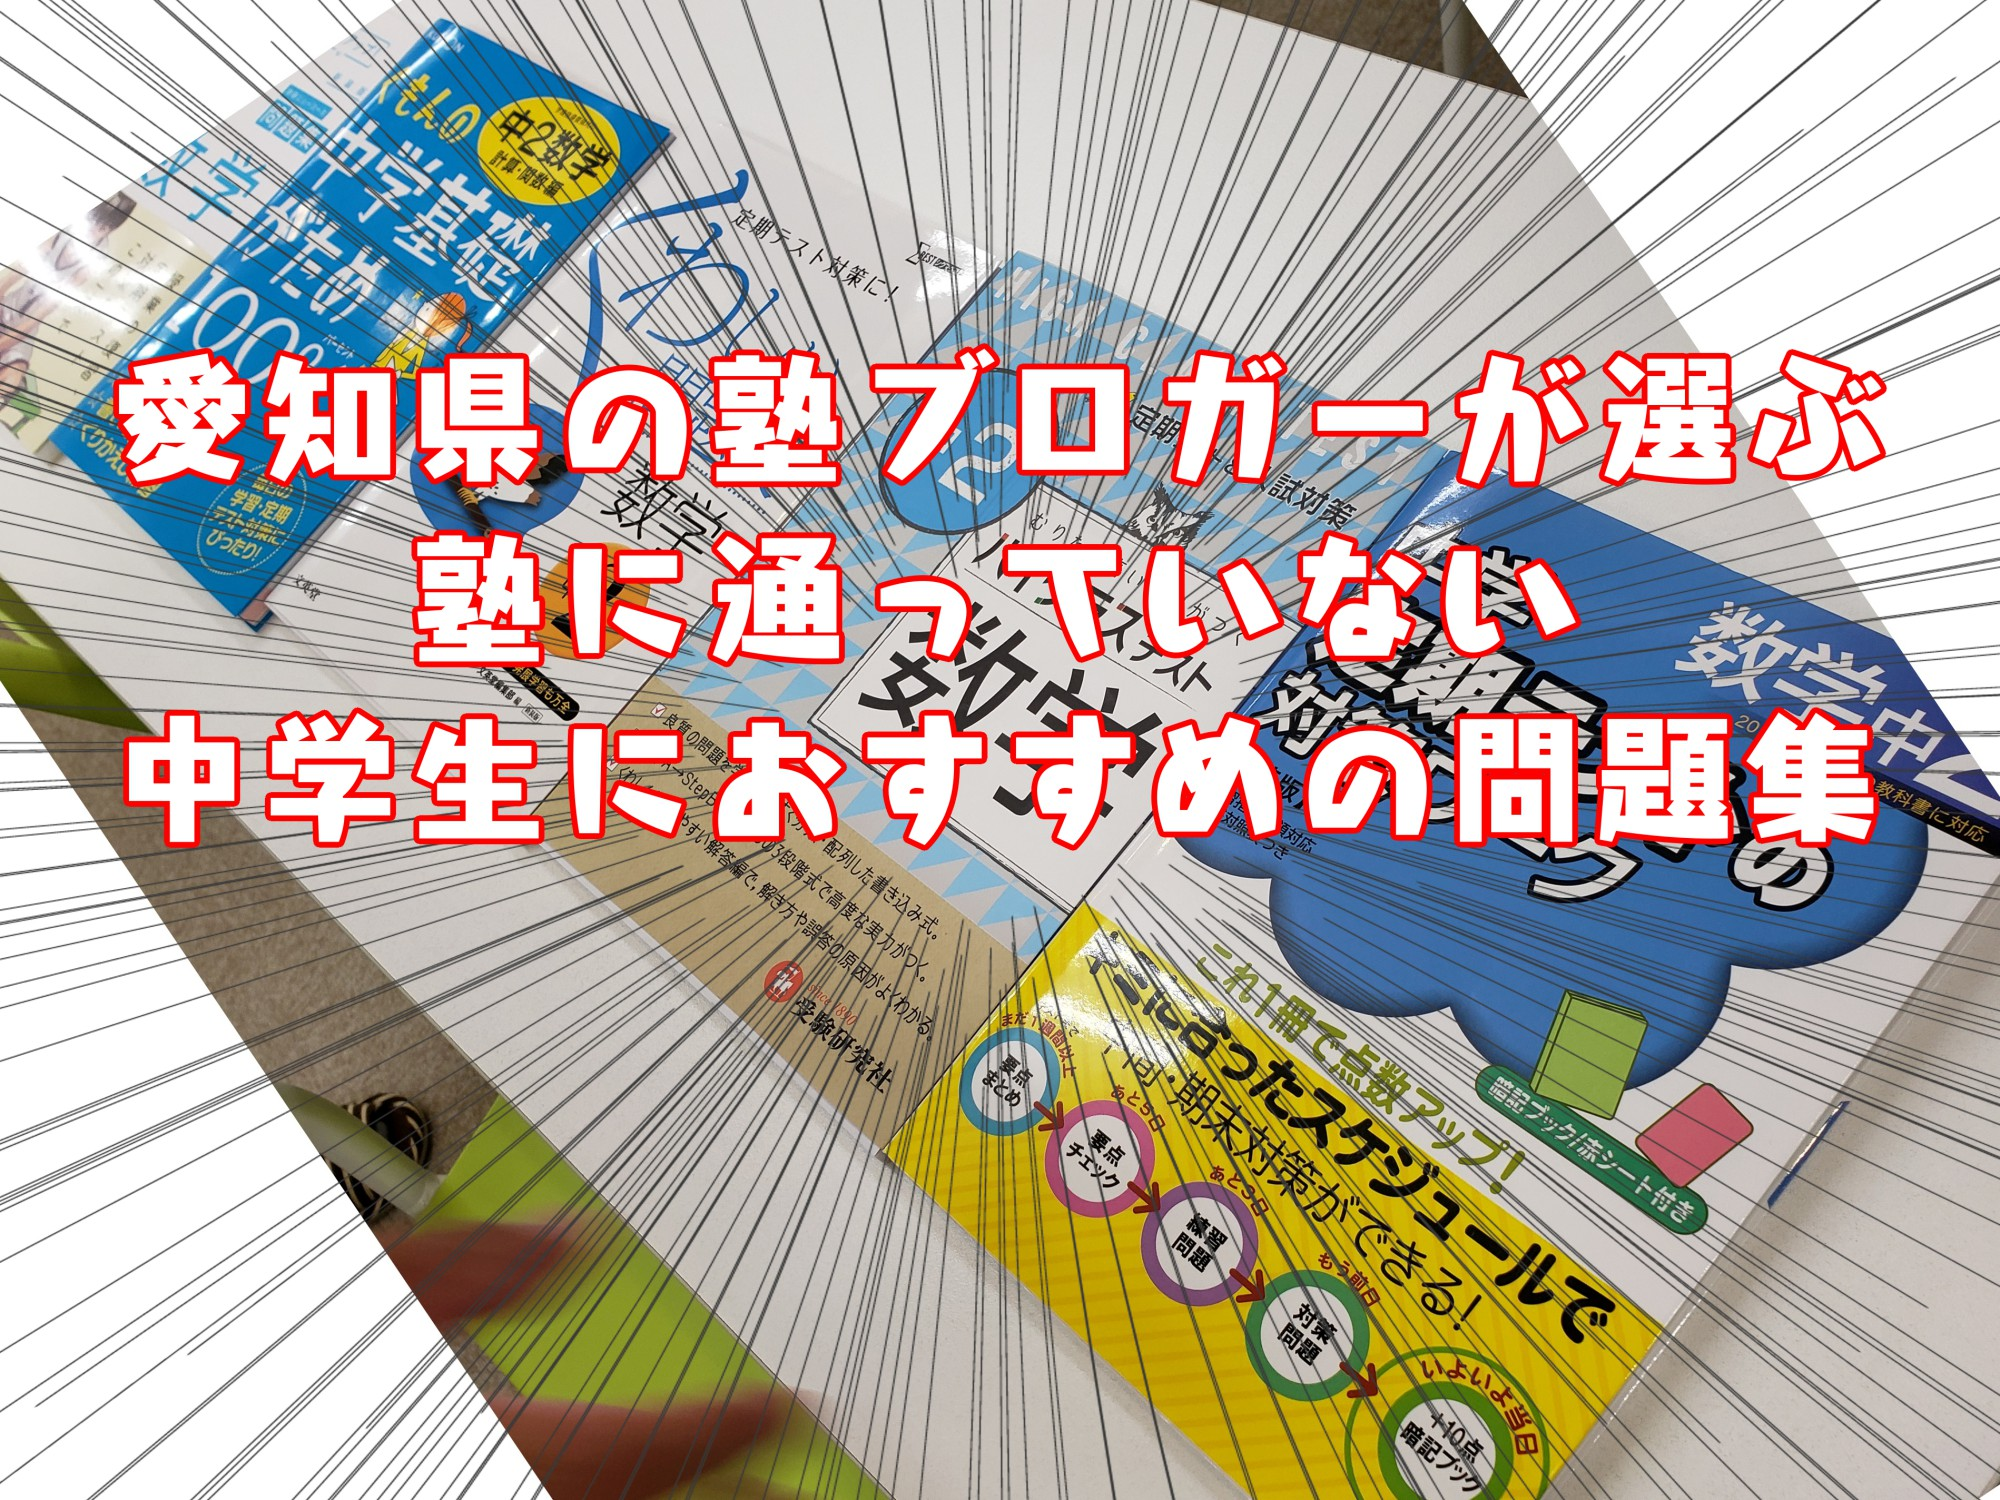 愛知県の塾ブロガーが選ぶ塾に通っていない中学生におすすめの問題集